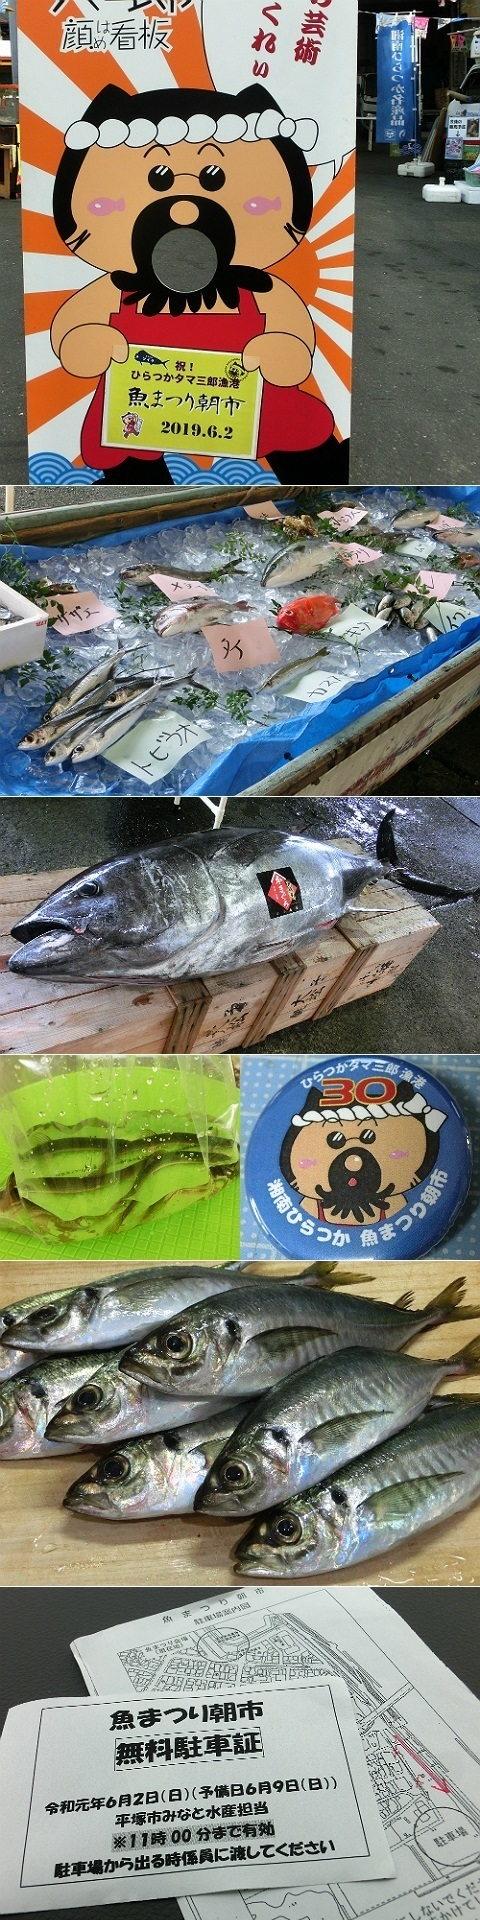 第30回湘南ひらつか魚まつり朝市